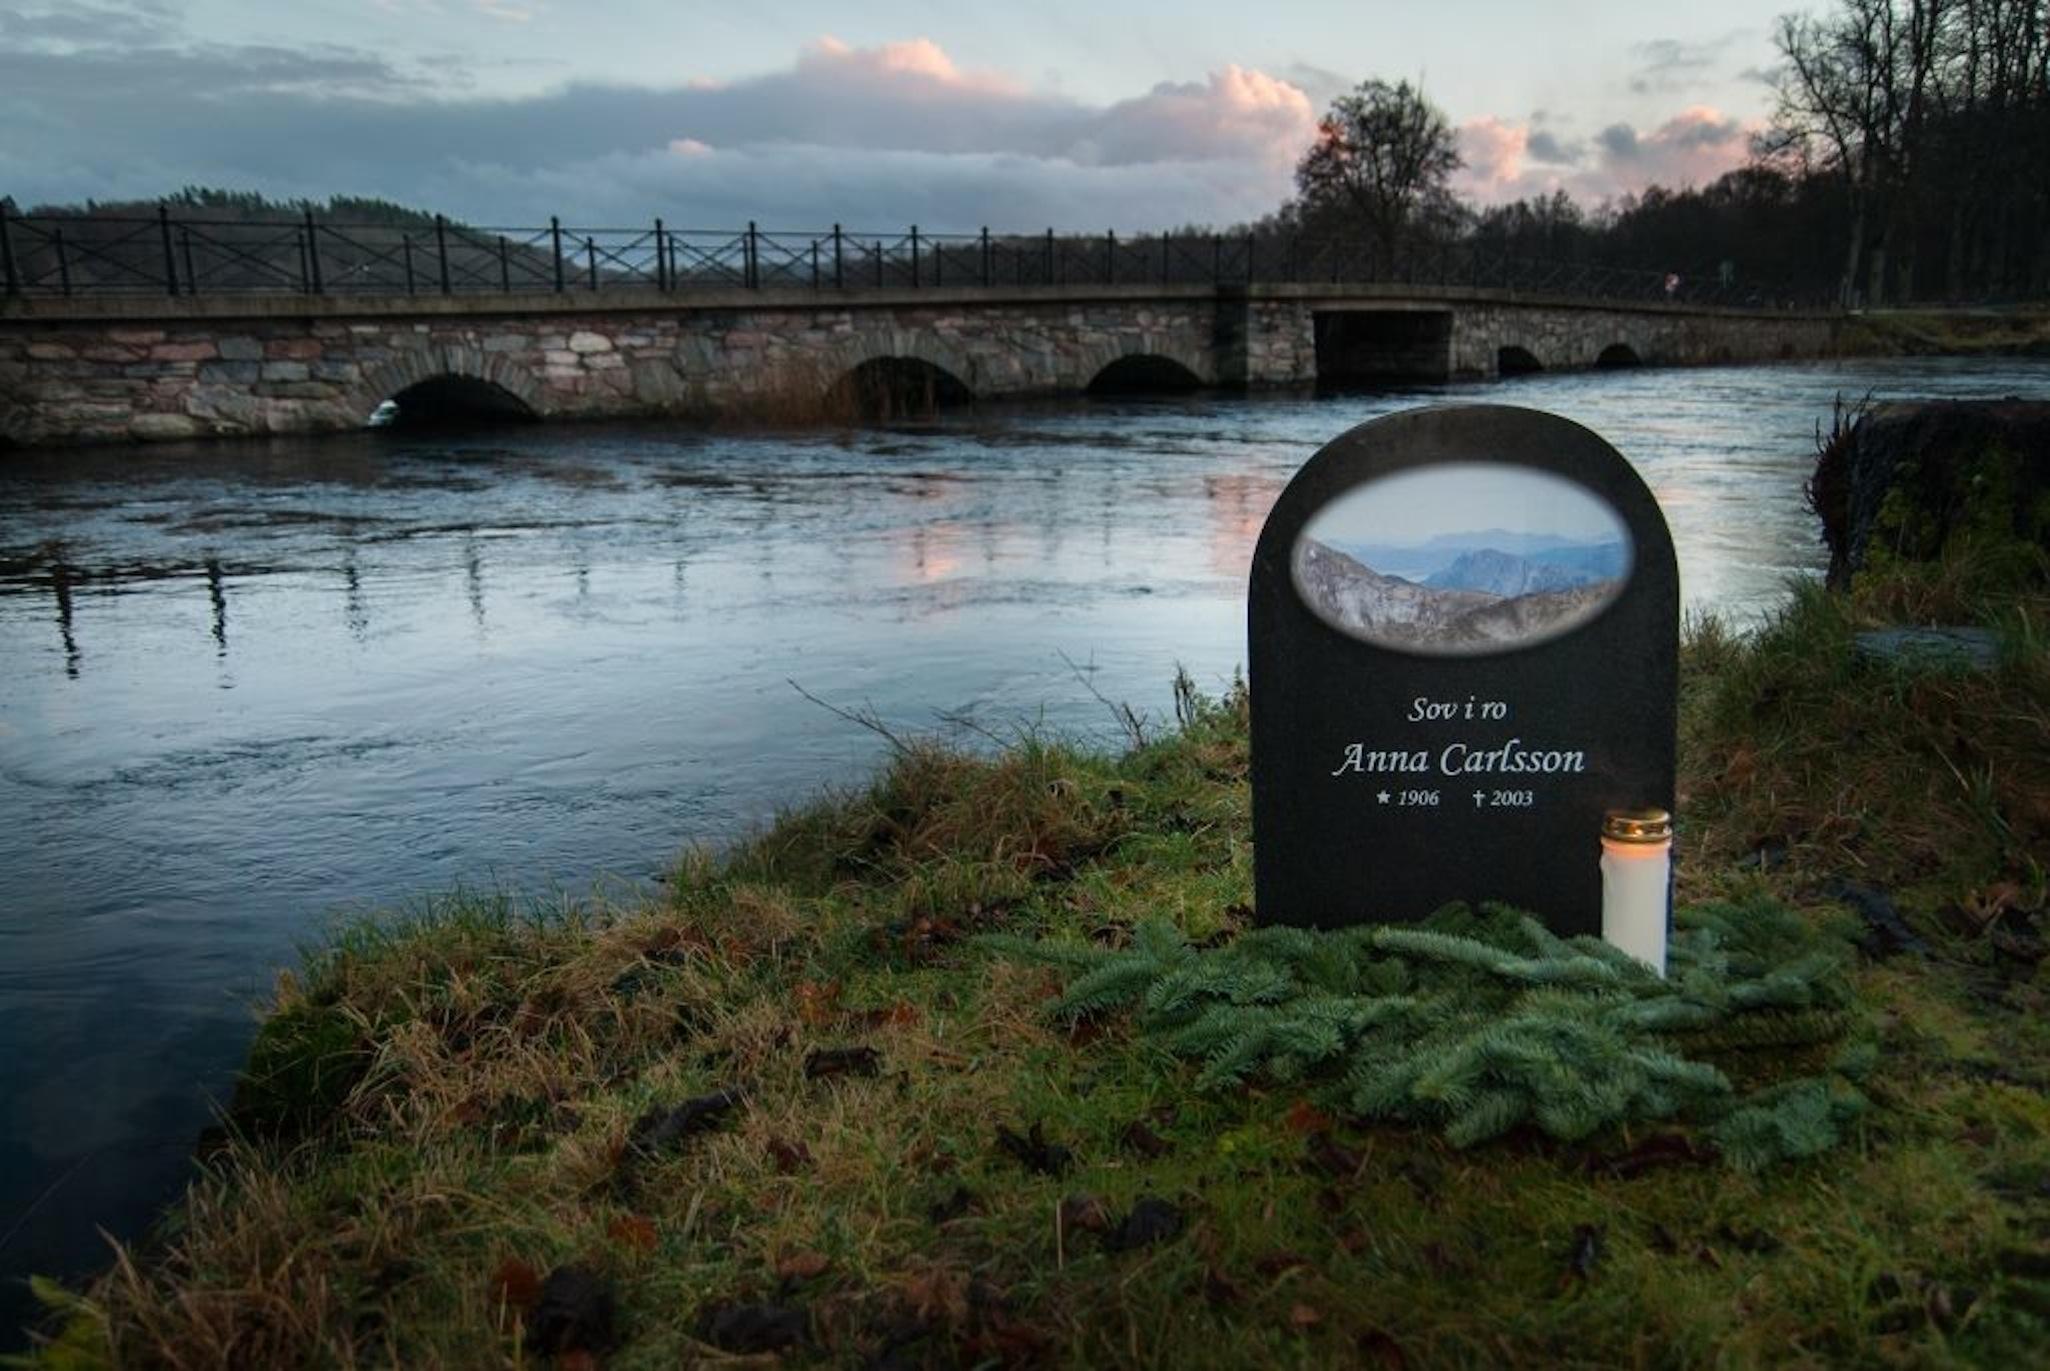 Välja gravsten – Tips och råd från Vita Stenar